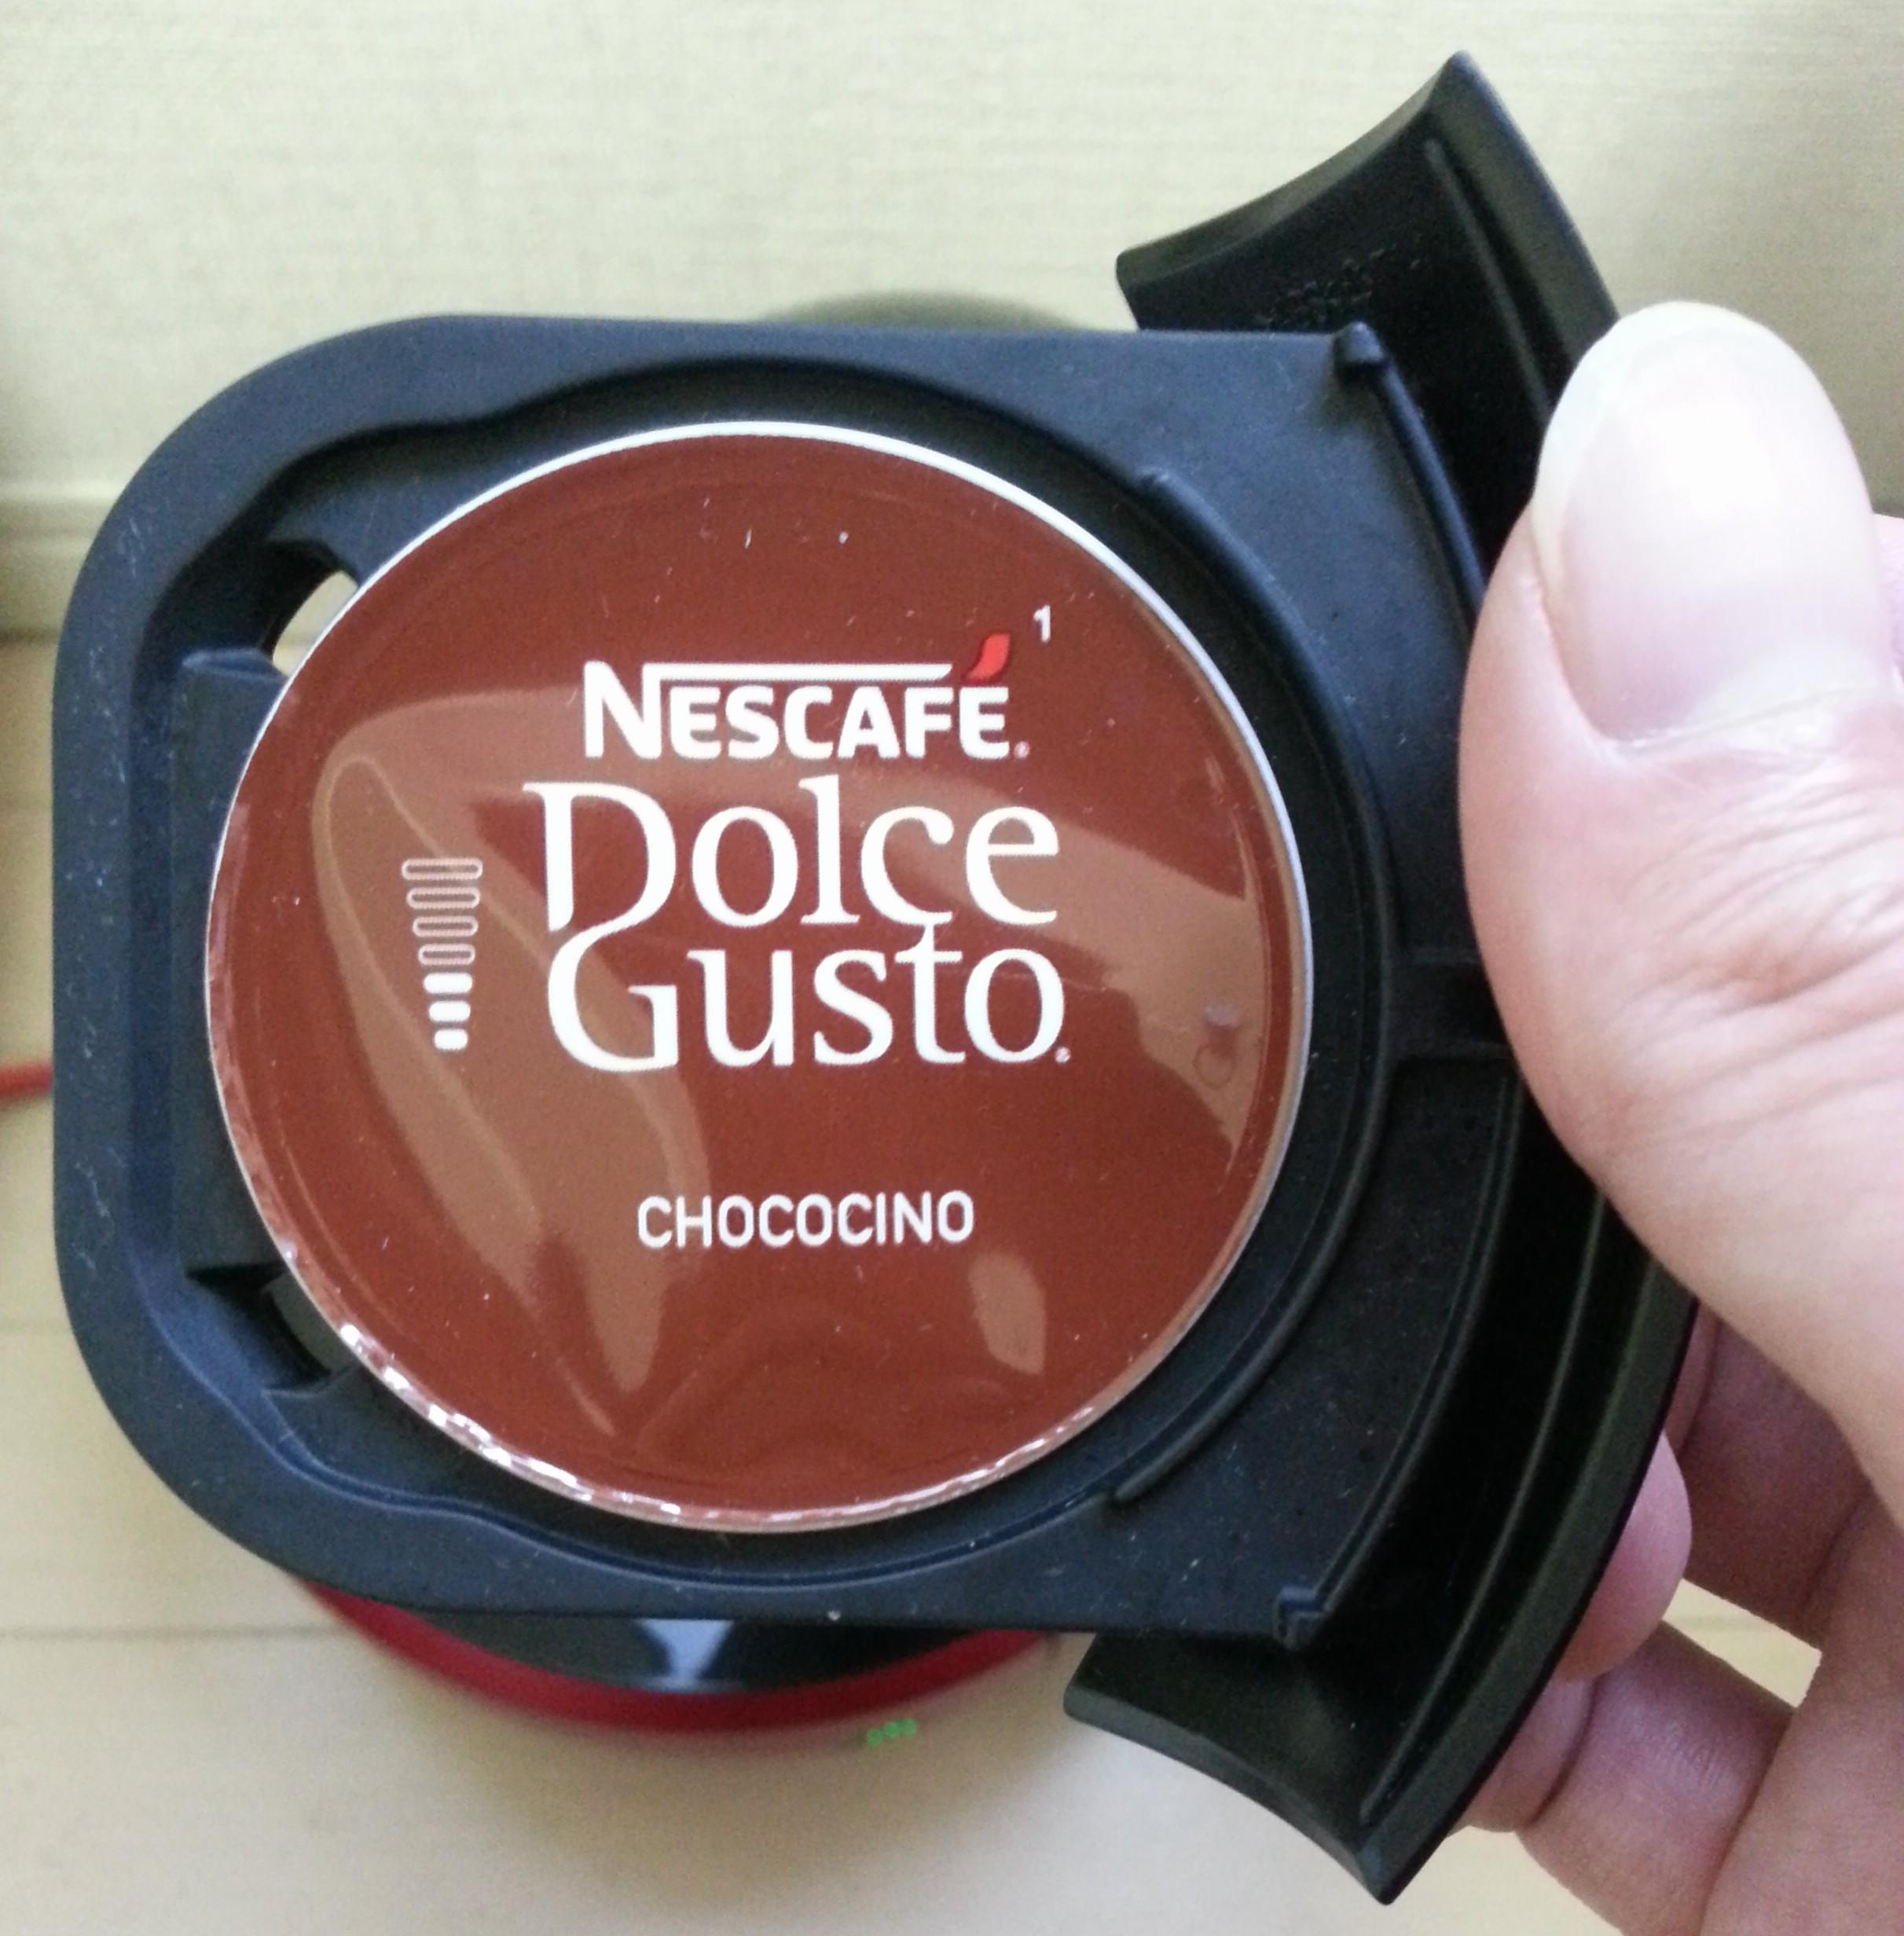 nescafe-dolcegusto-chococino3